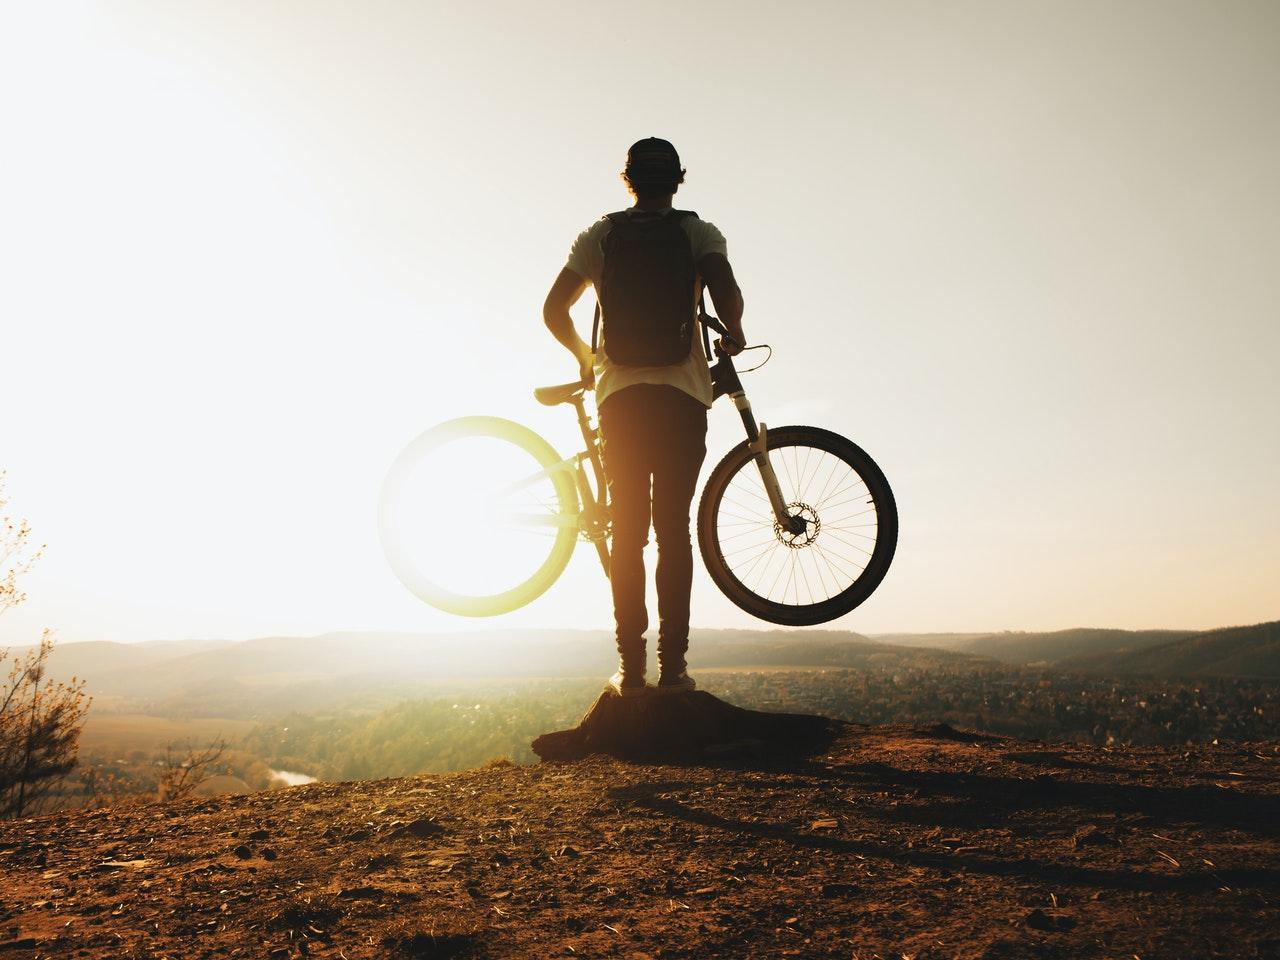 Poznaj największe zalety płynące z jazdy na rowerze! - Zdjęcie główne